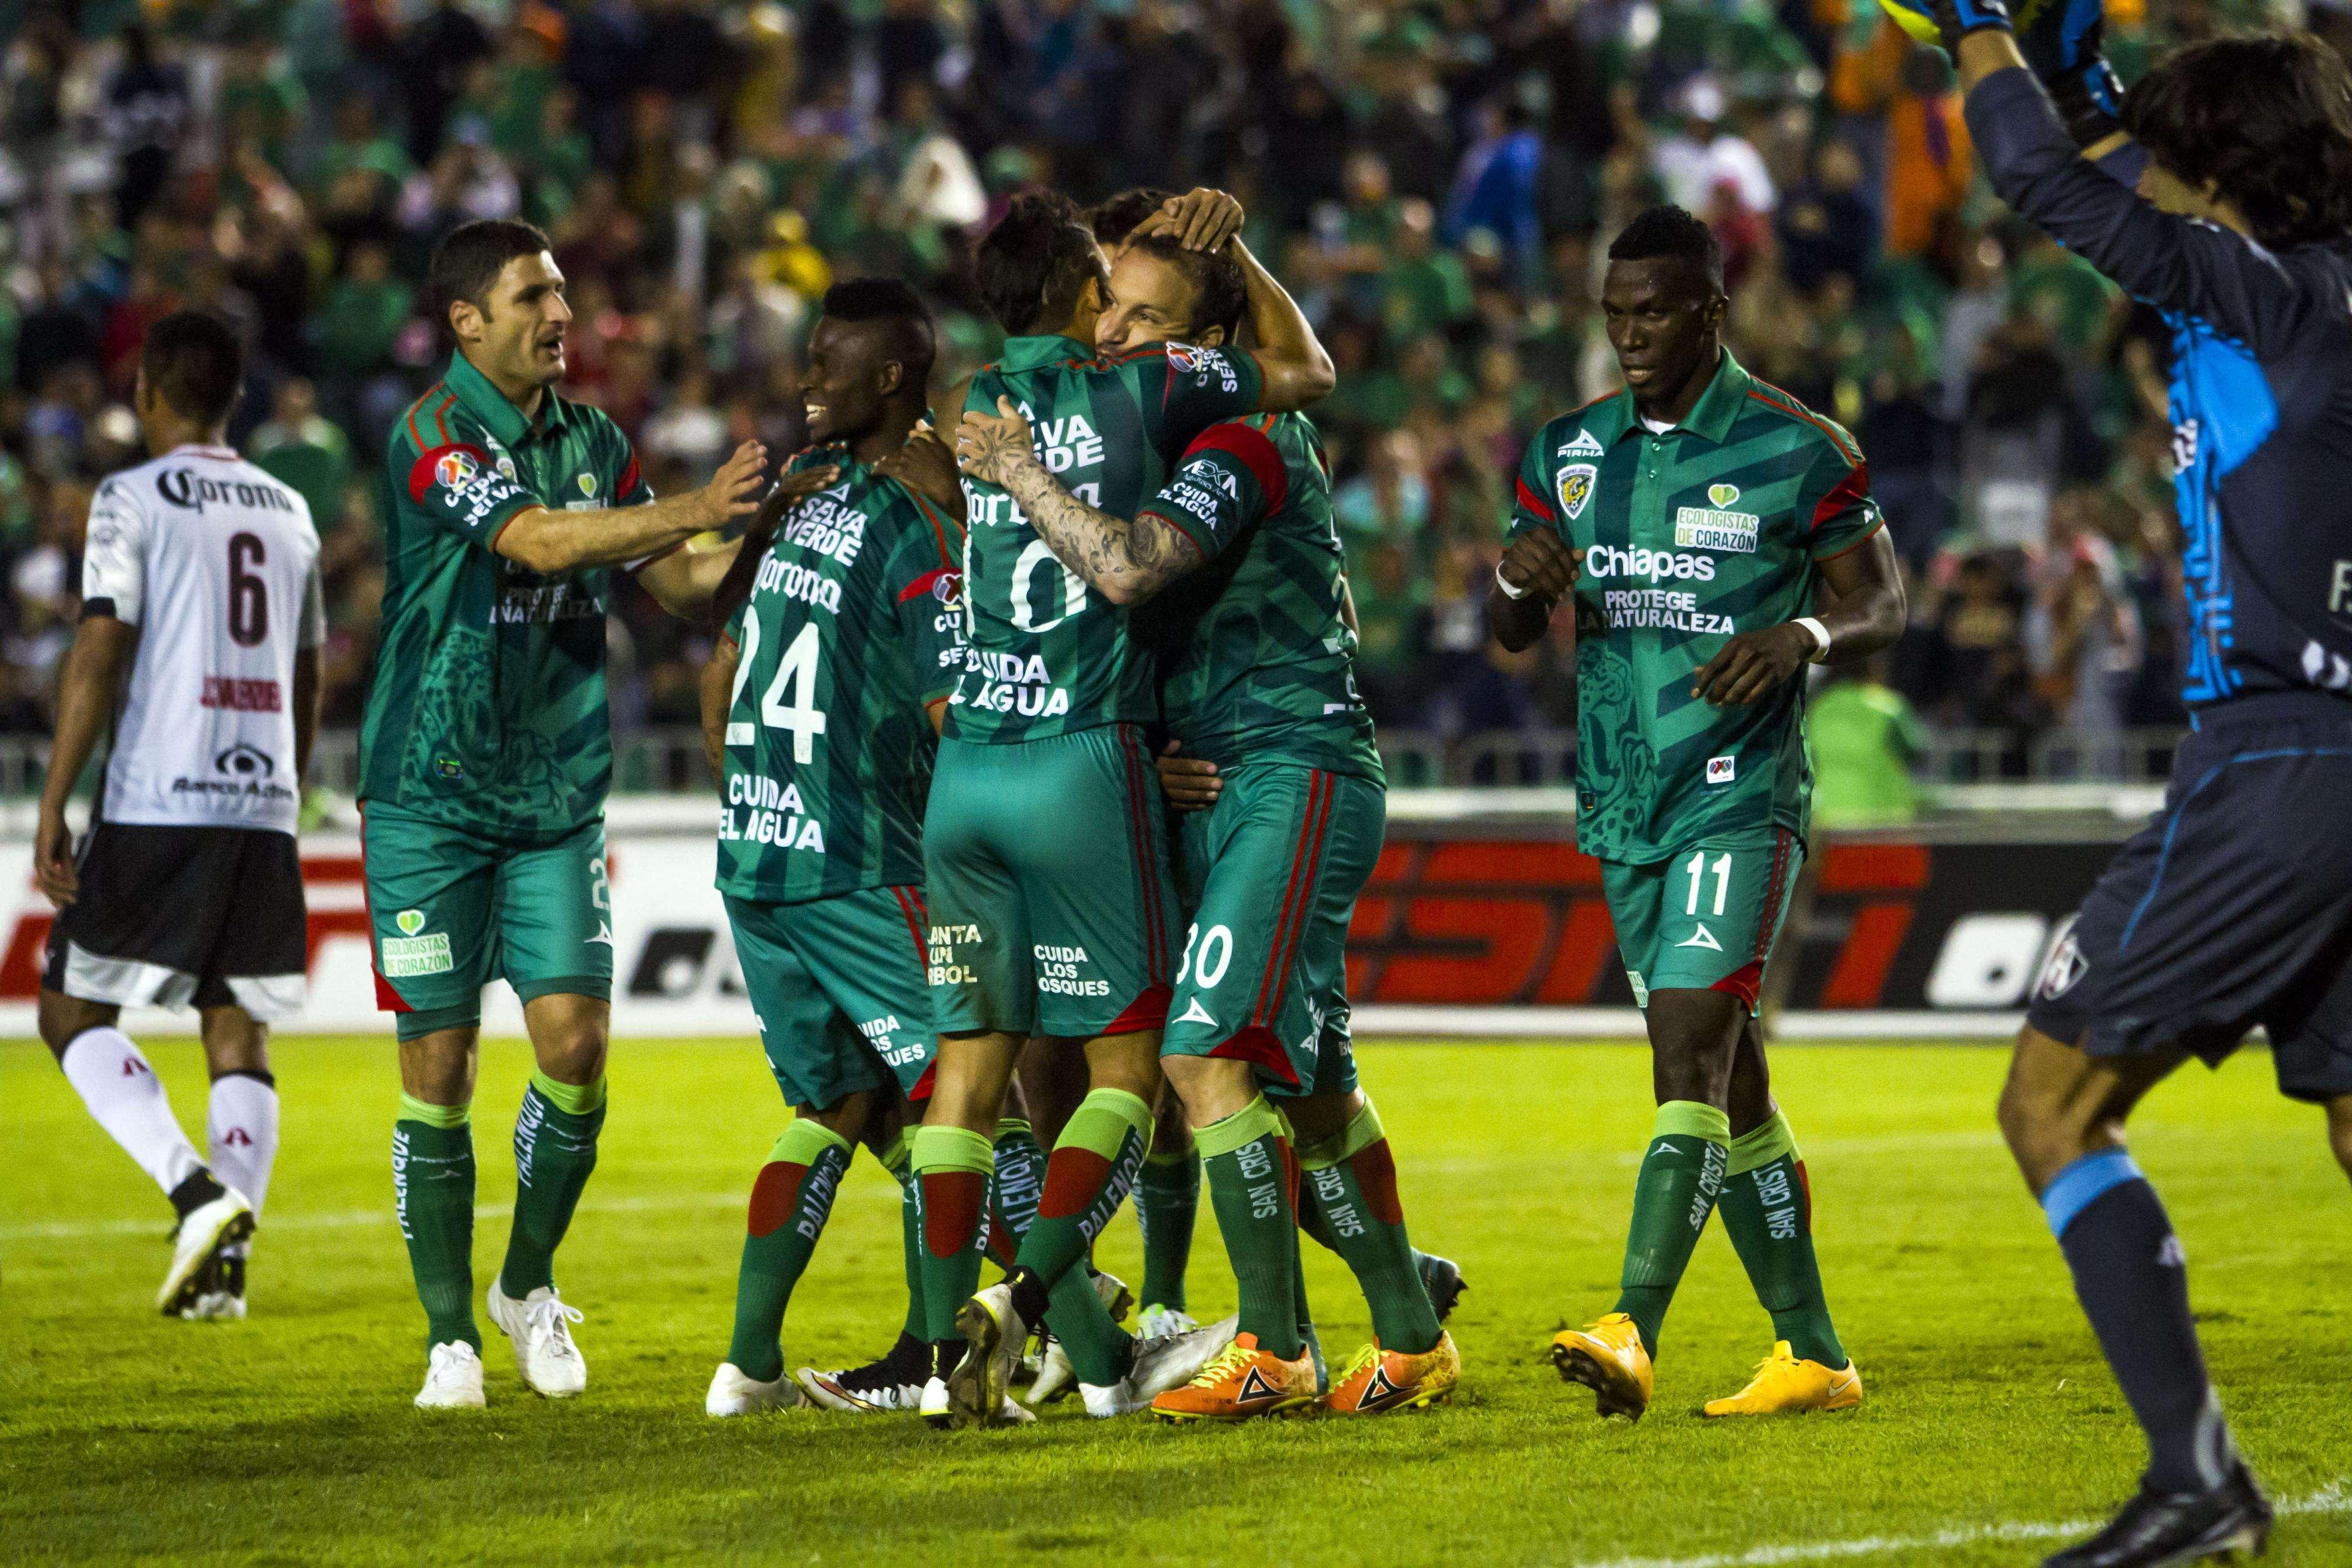 Con doblete de Avilés hurtado y un gol más de Matías Vuoso, Jaguares venció 3-1 al Atlas. Foto: Imago7